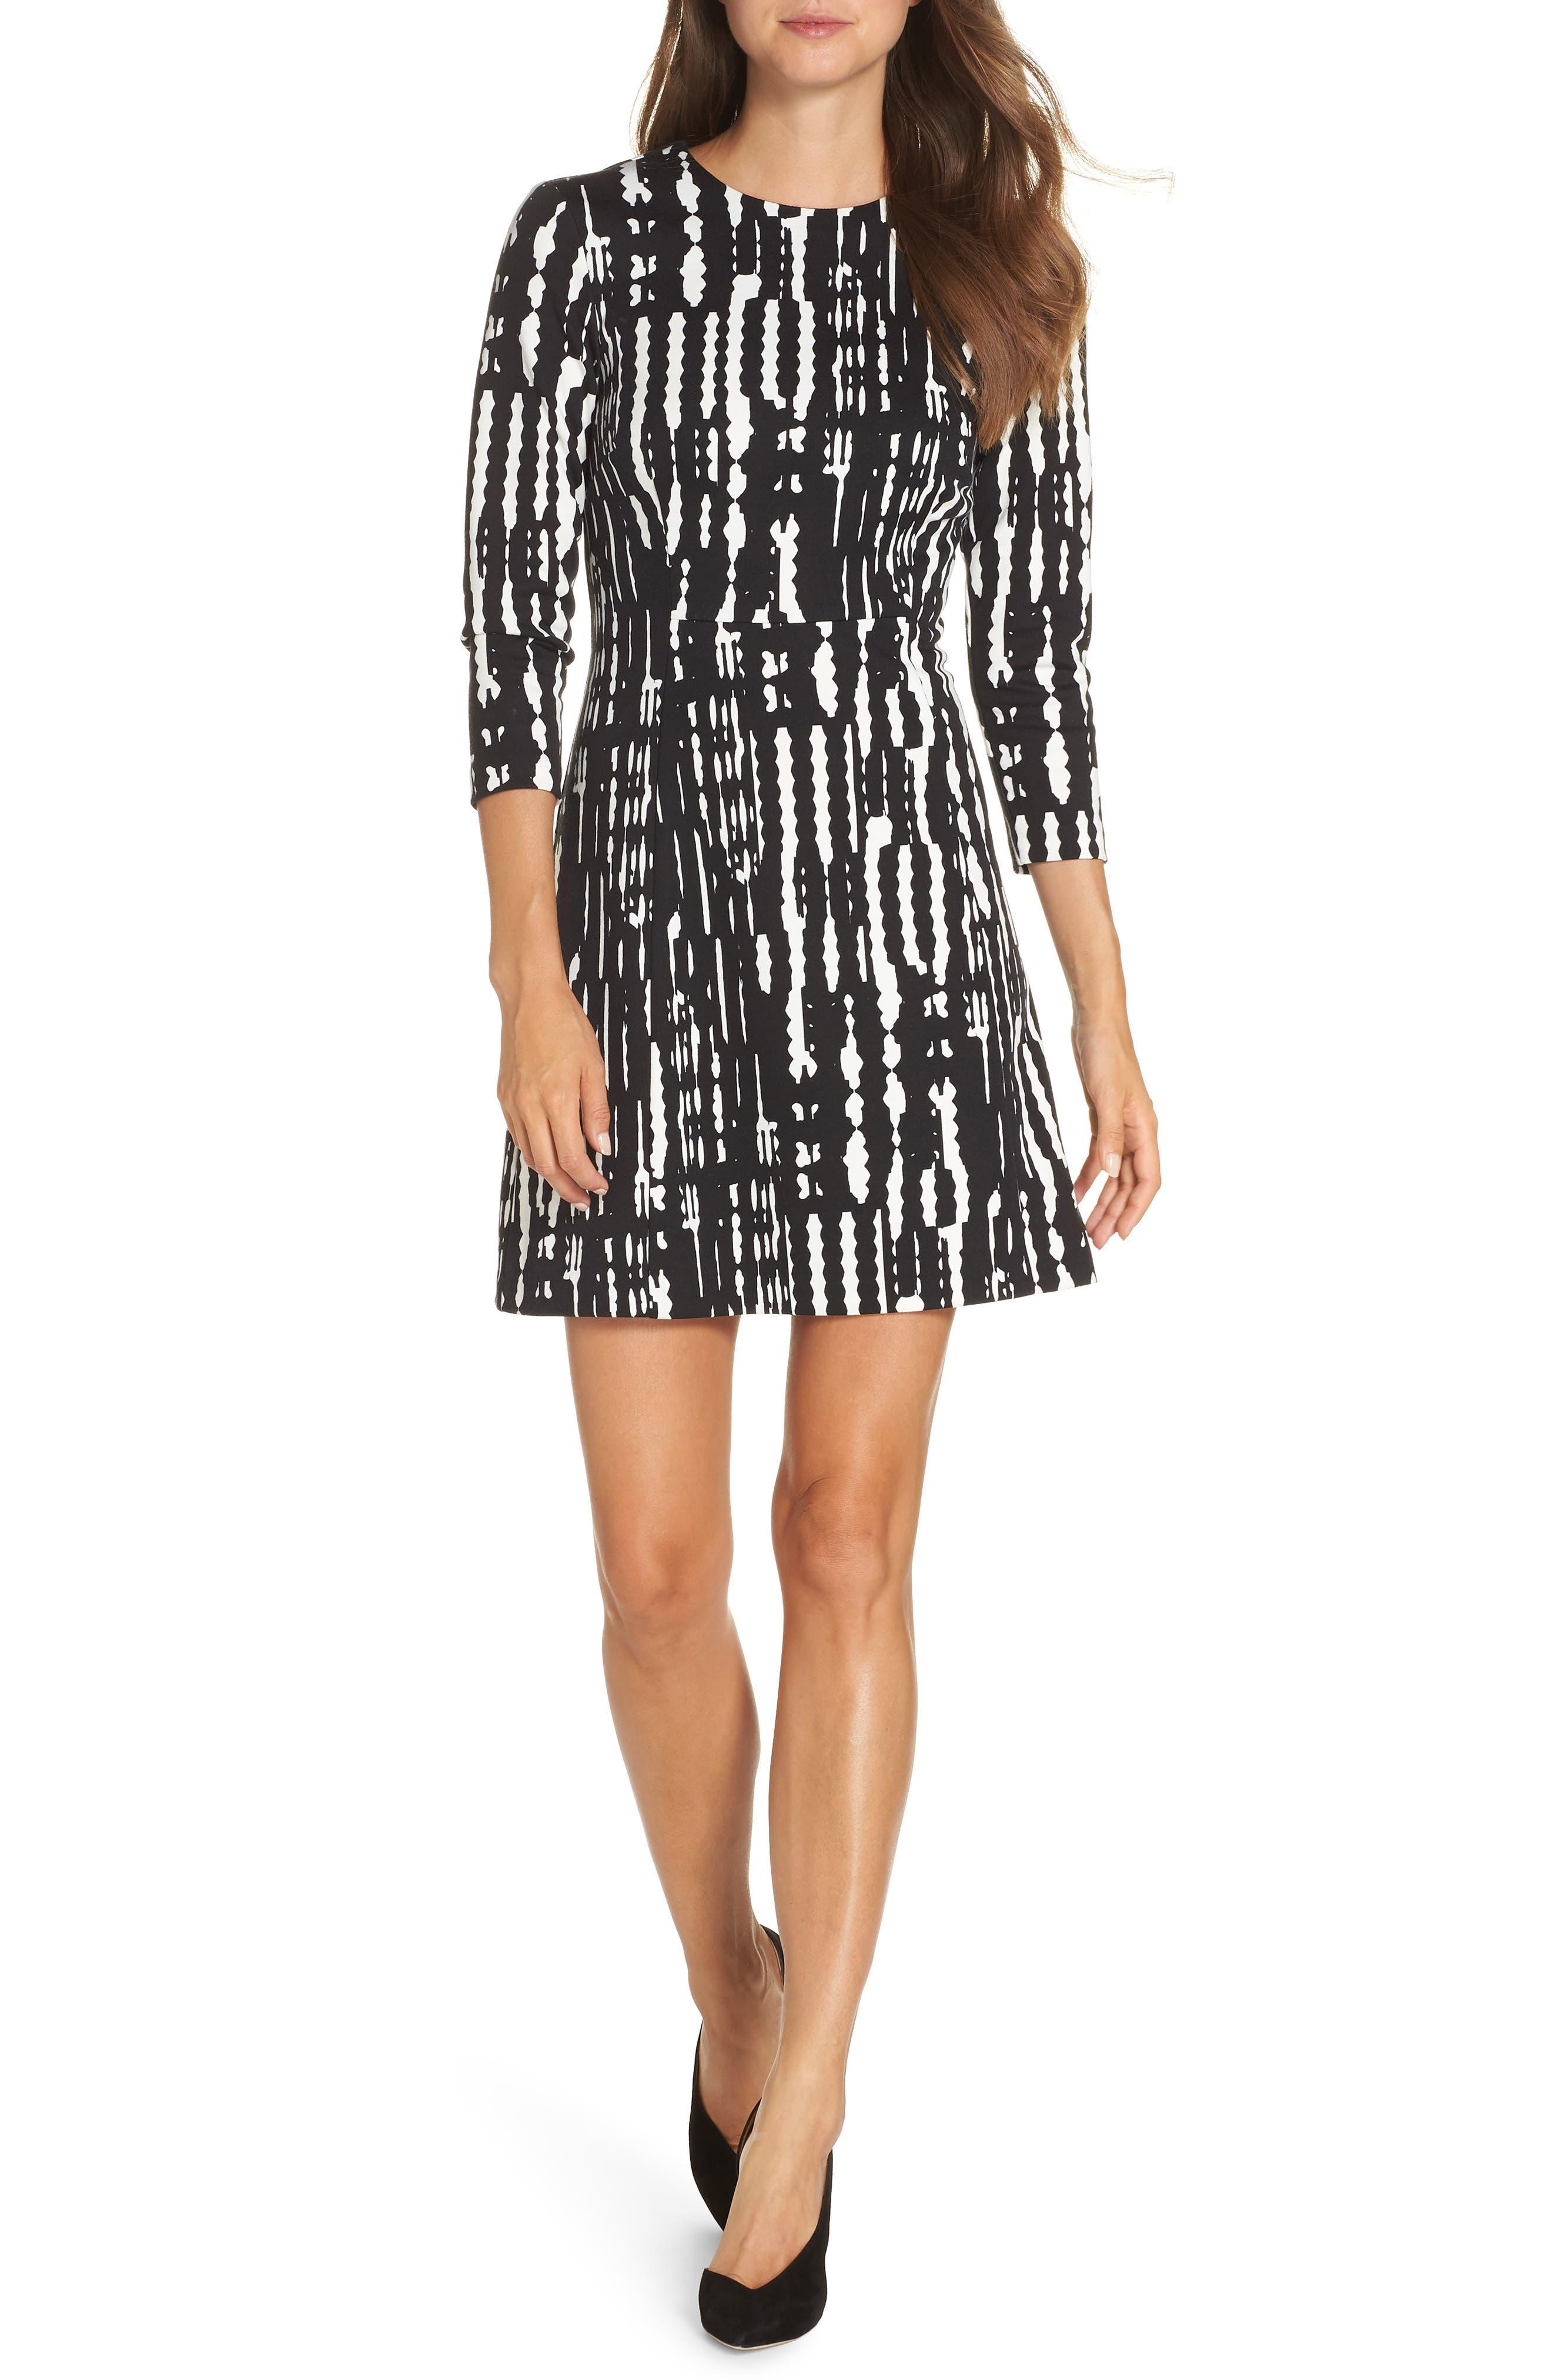 Leoti Morelia Stripe Dress,                             Main thumbnail 1, color,                             001